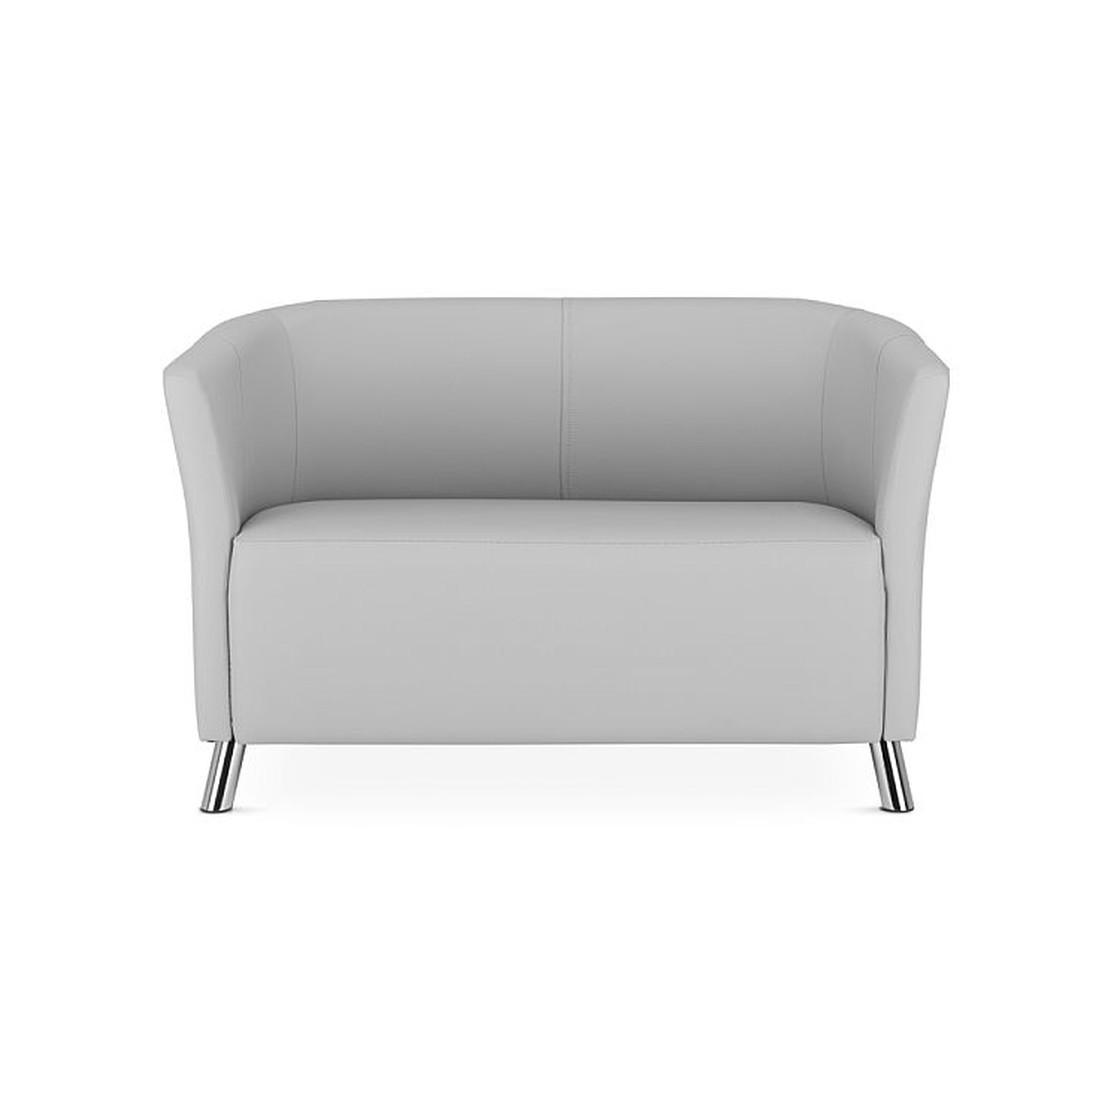 Full Size of Sofa Kunstleder Lounger Sessel Columbia Duo 2 Sitzer Höffner Big Poco Samt Auf Raten Himolla Mit Bettkasten überwurf Modernes Englisches Mondo L Sofa Sofa Kunstleder